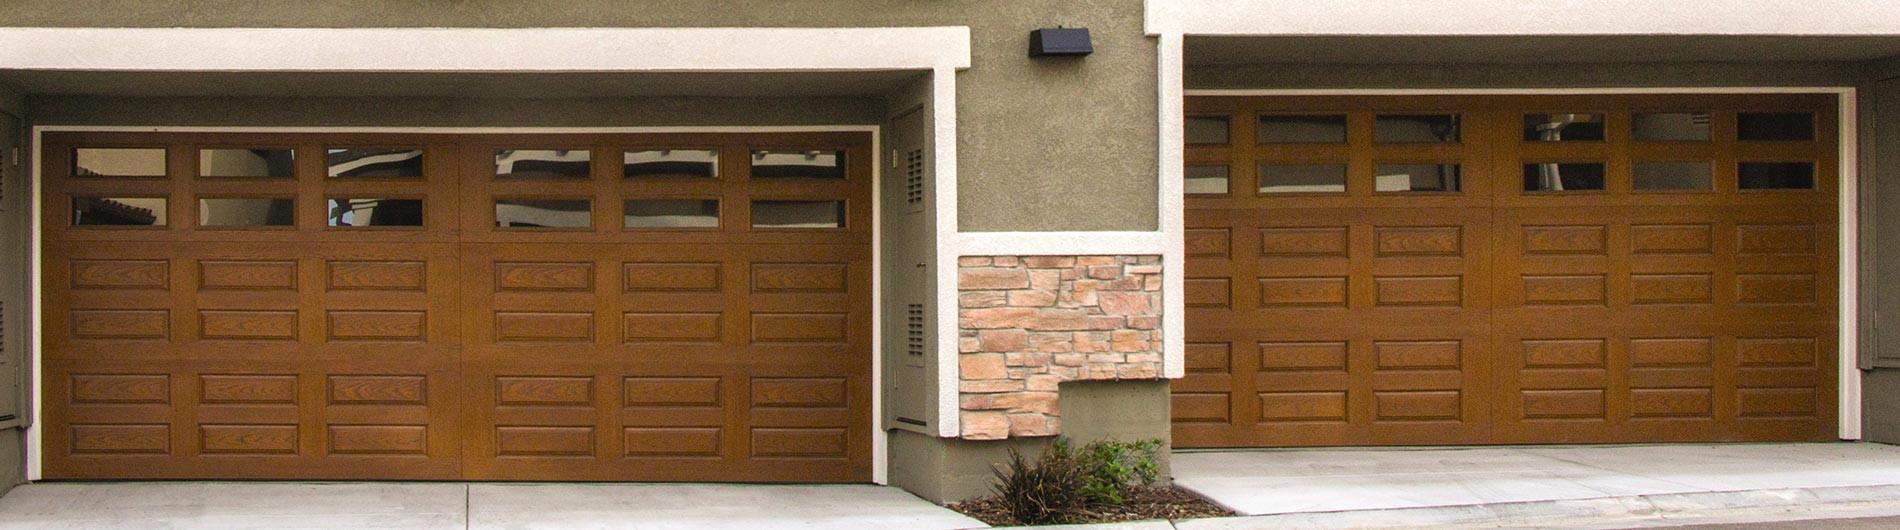 9800-Fiberglass-Garage-Door-7ft-HRP-Cher